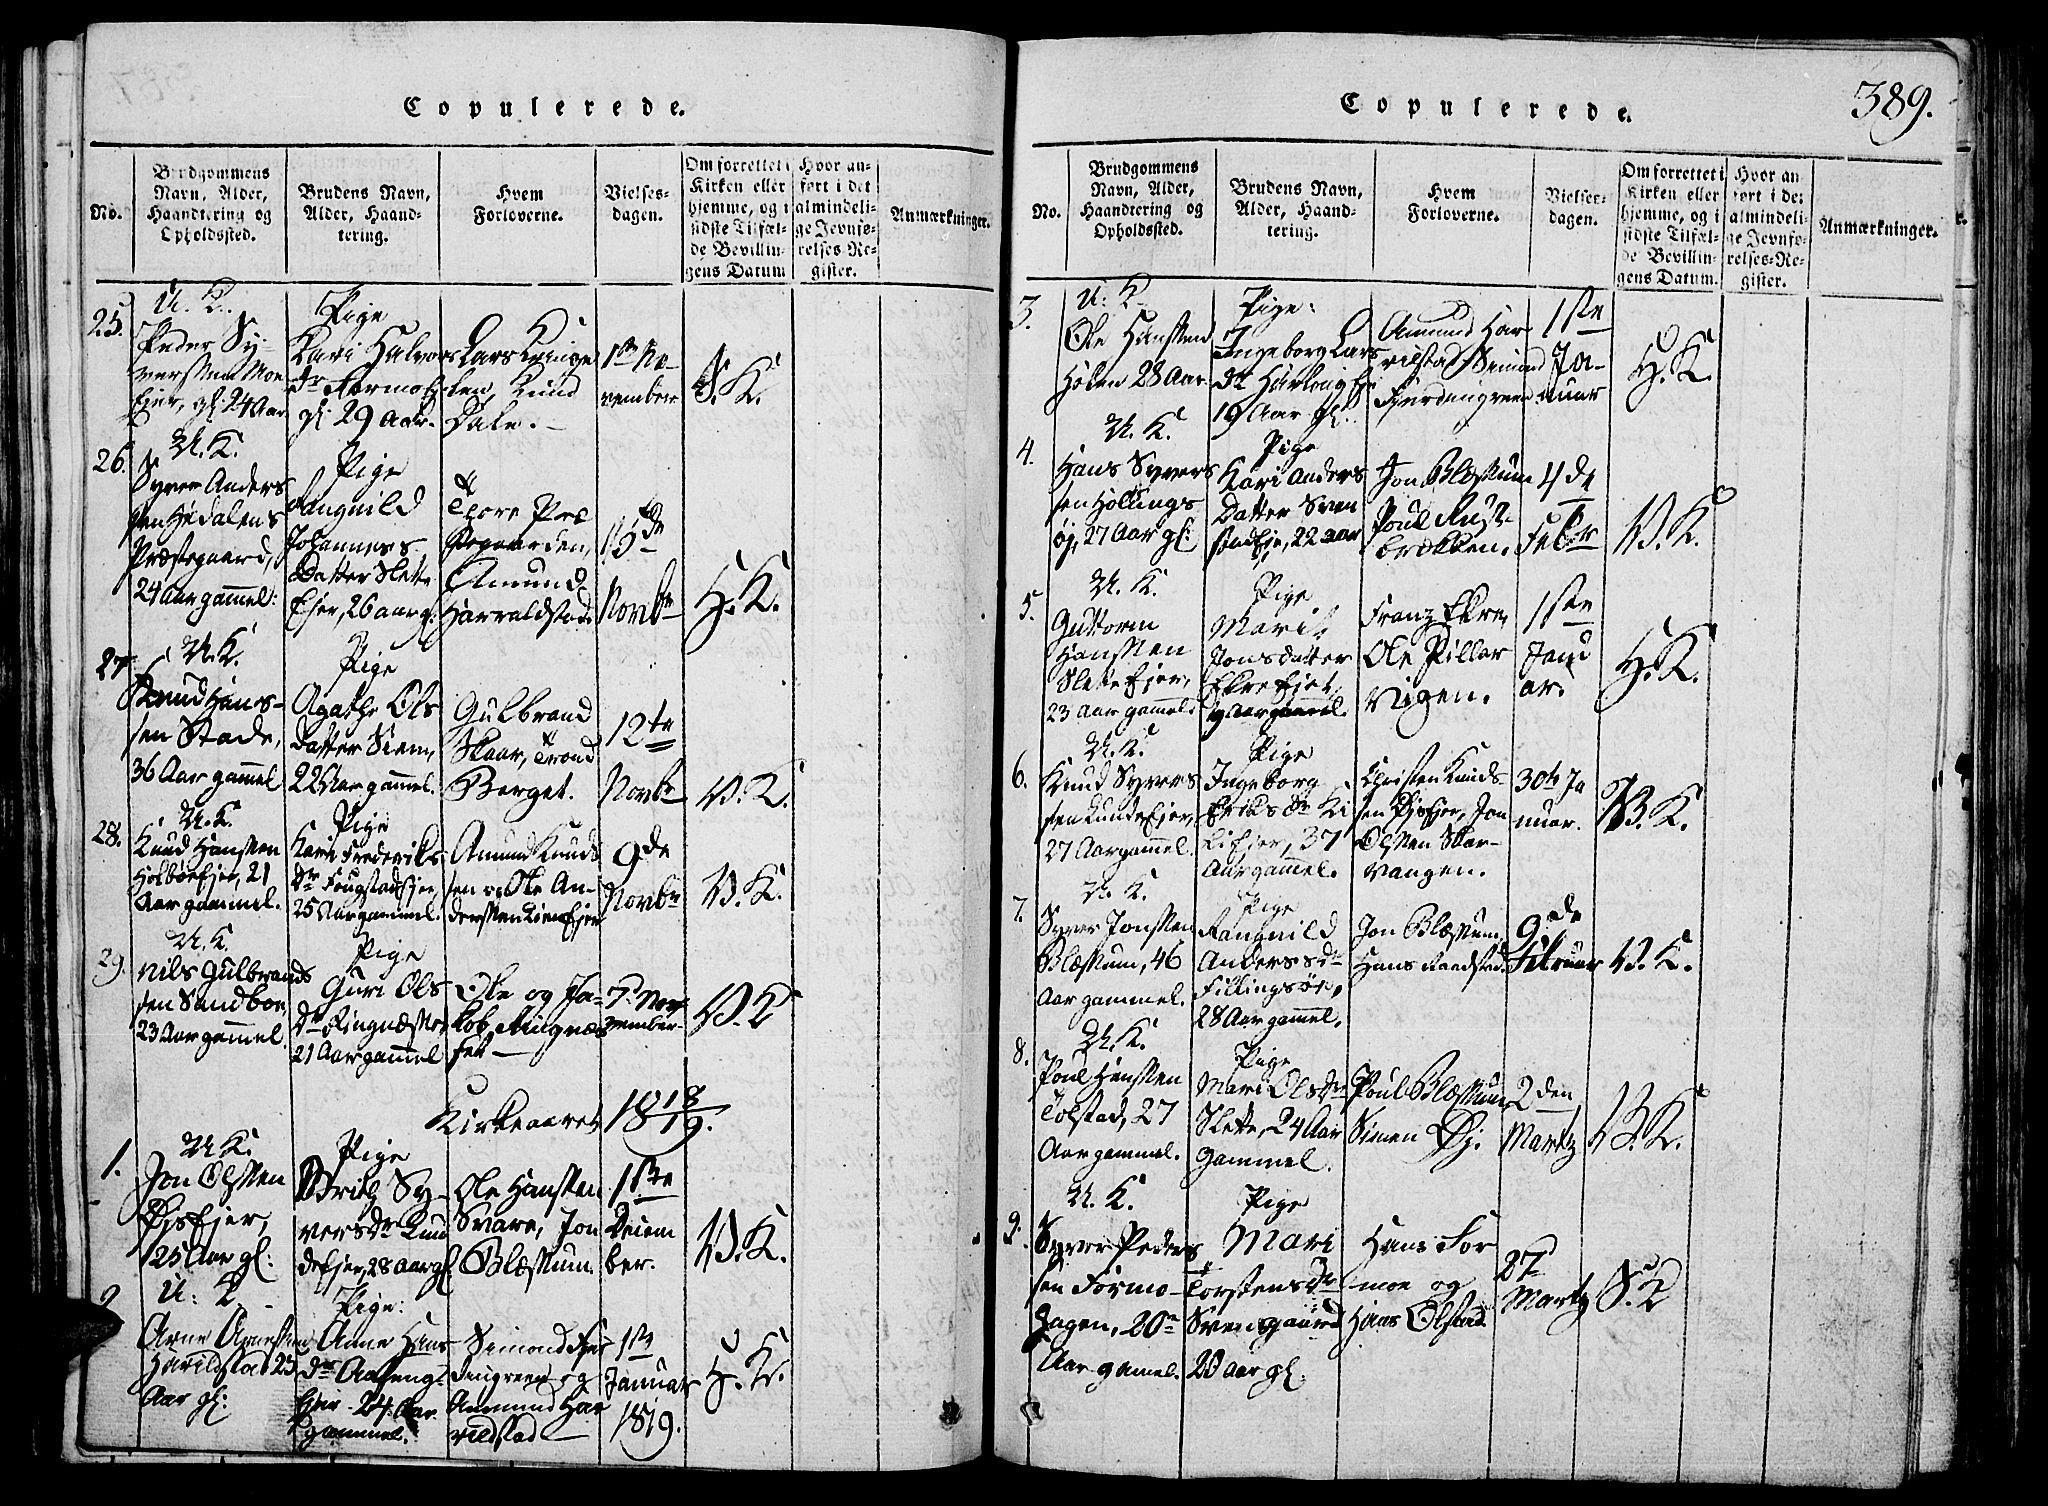 SAH, Vågå prestekontor, Klokkerbok nr. 1, 1815-1827, s. 388-389